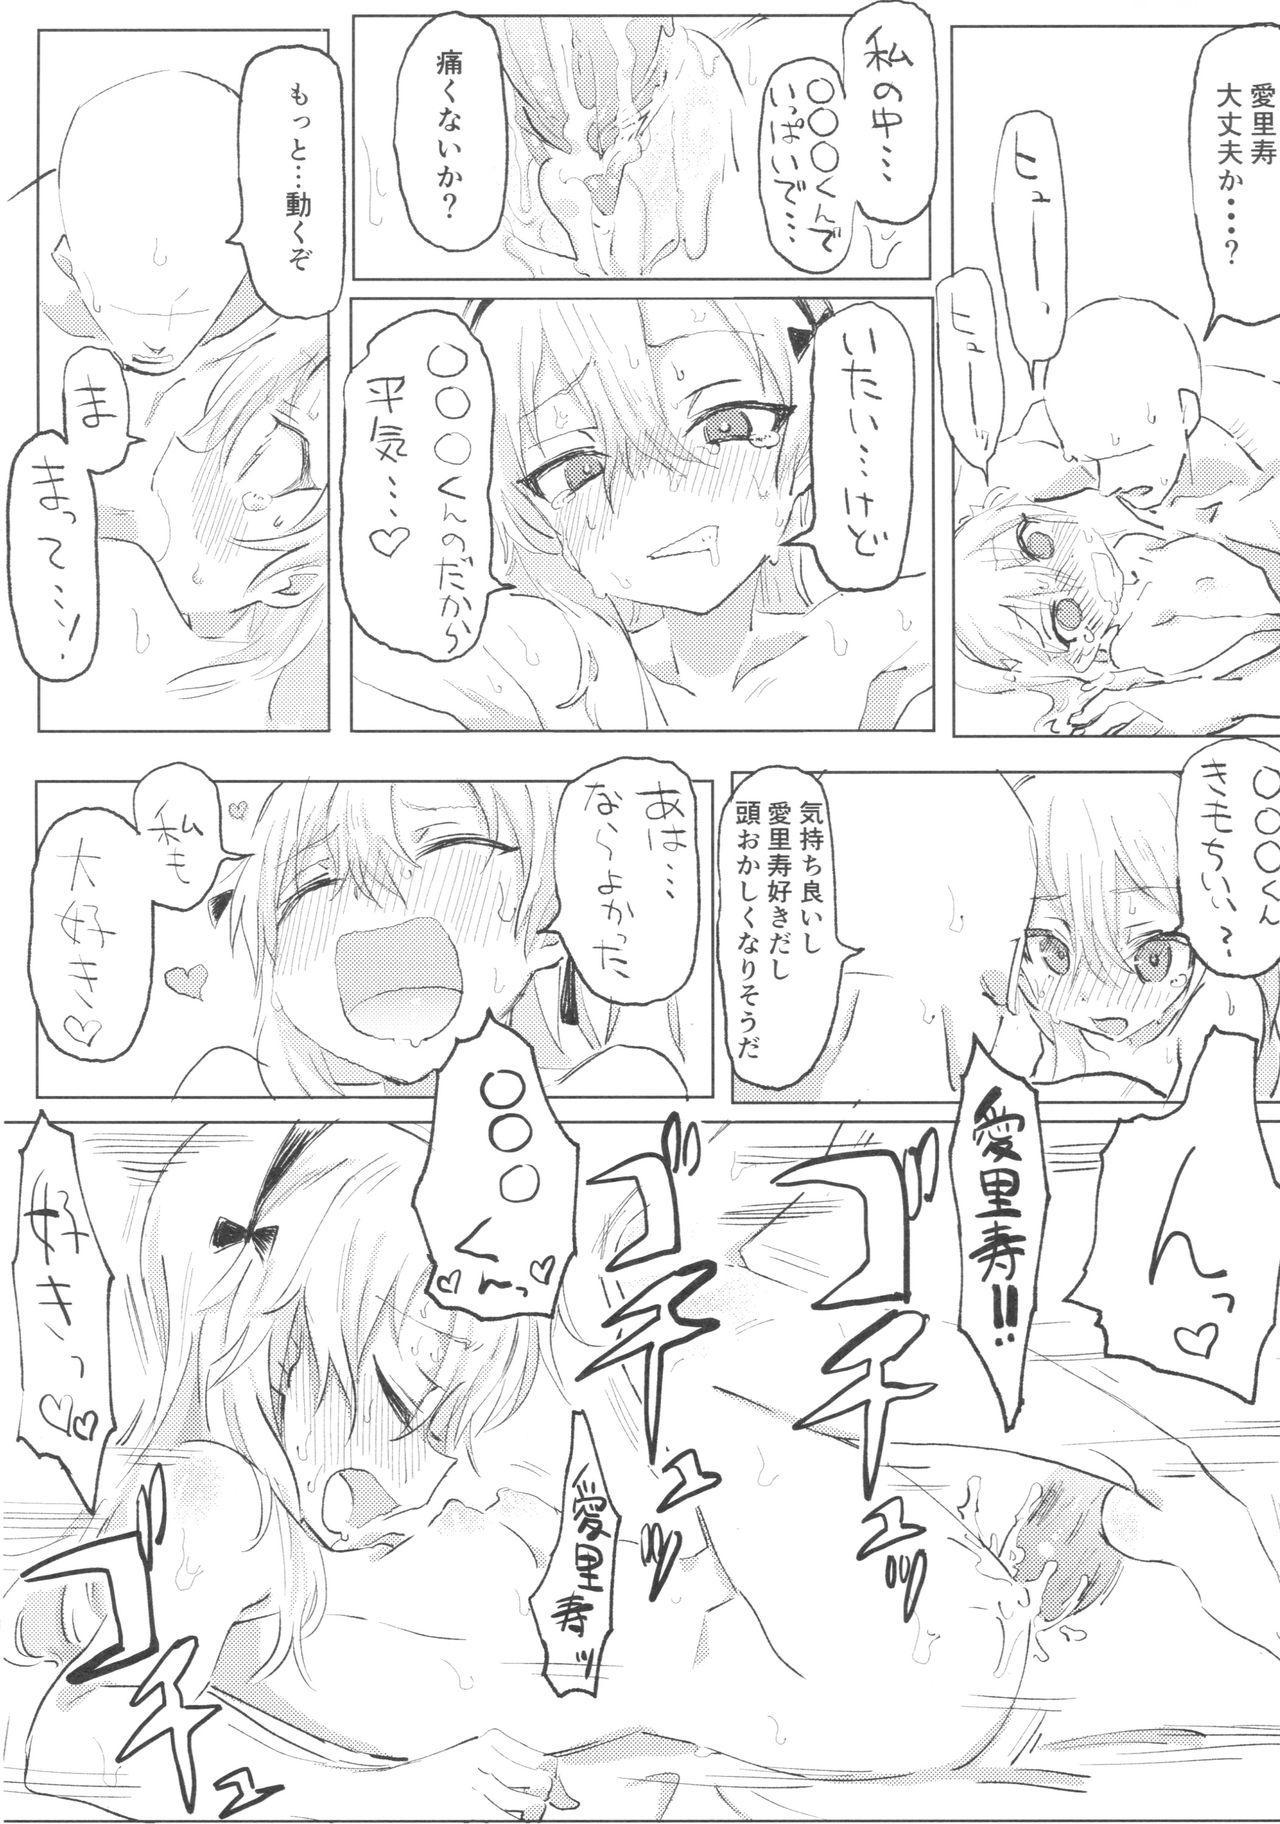 Shimada Arisu to Tappuri Amaama Ichaicha Love love Shite Chottodake Sex suru Atsui Hon 38